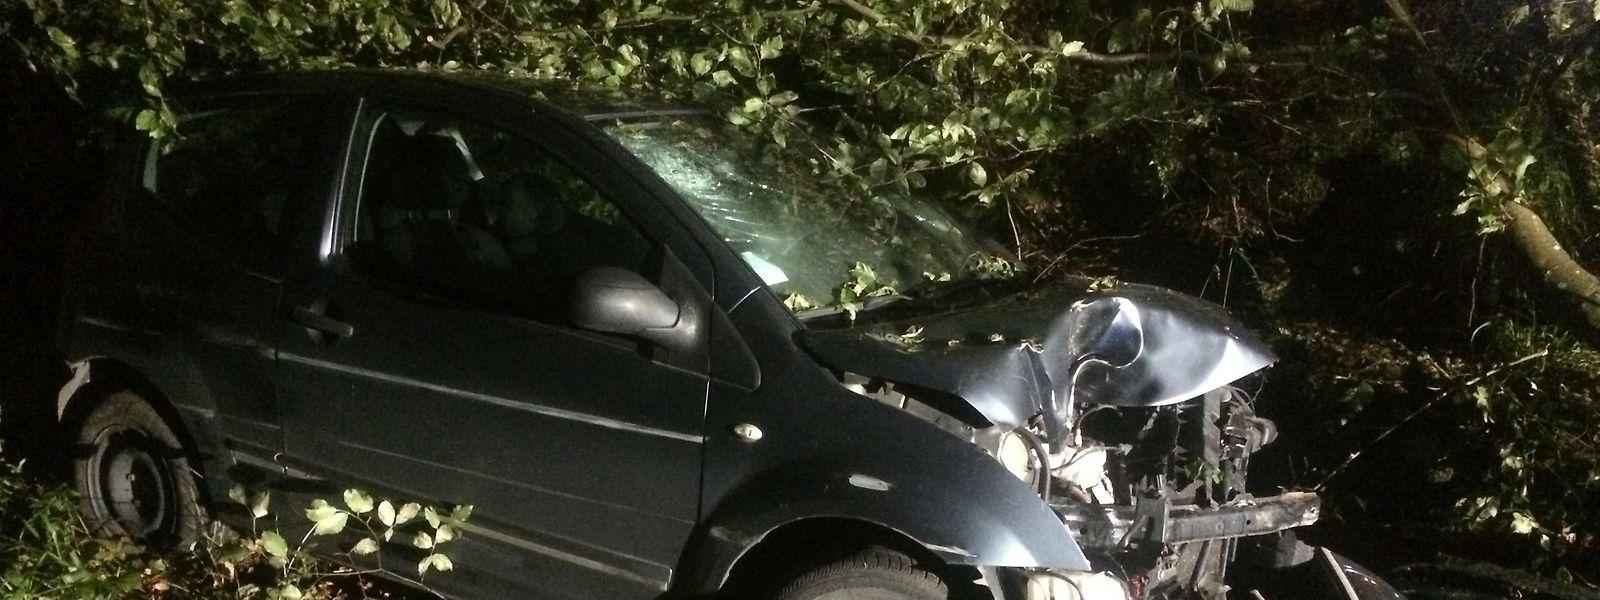 Die Fahrerin ist von der Straße abgekommen und frontal gegen einen Baum geprallt.